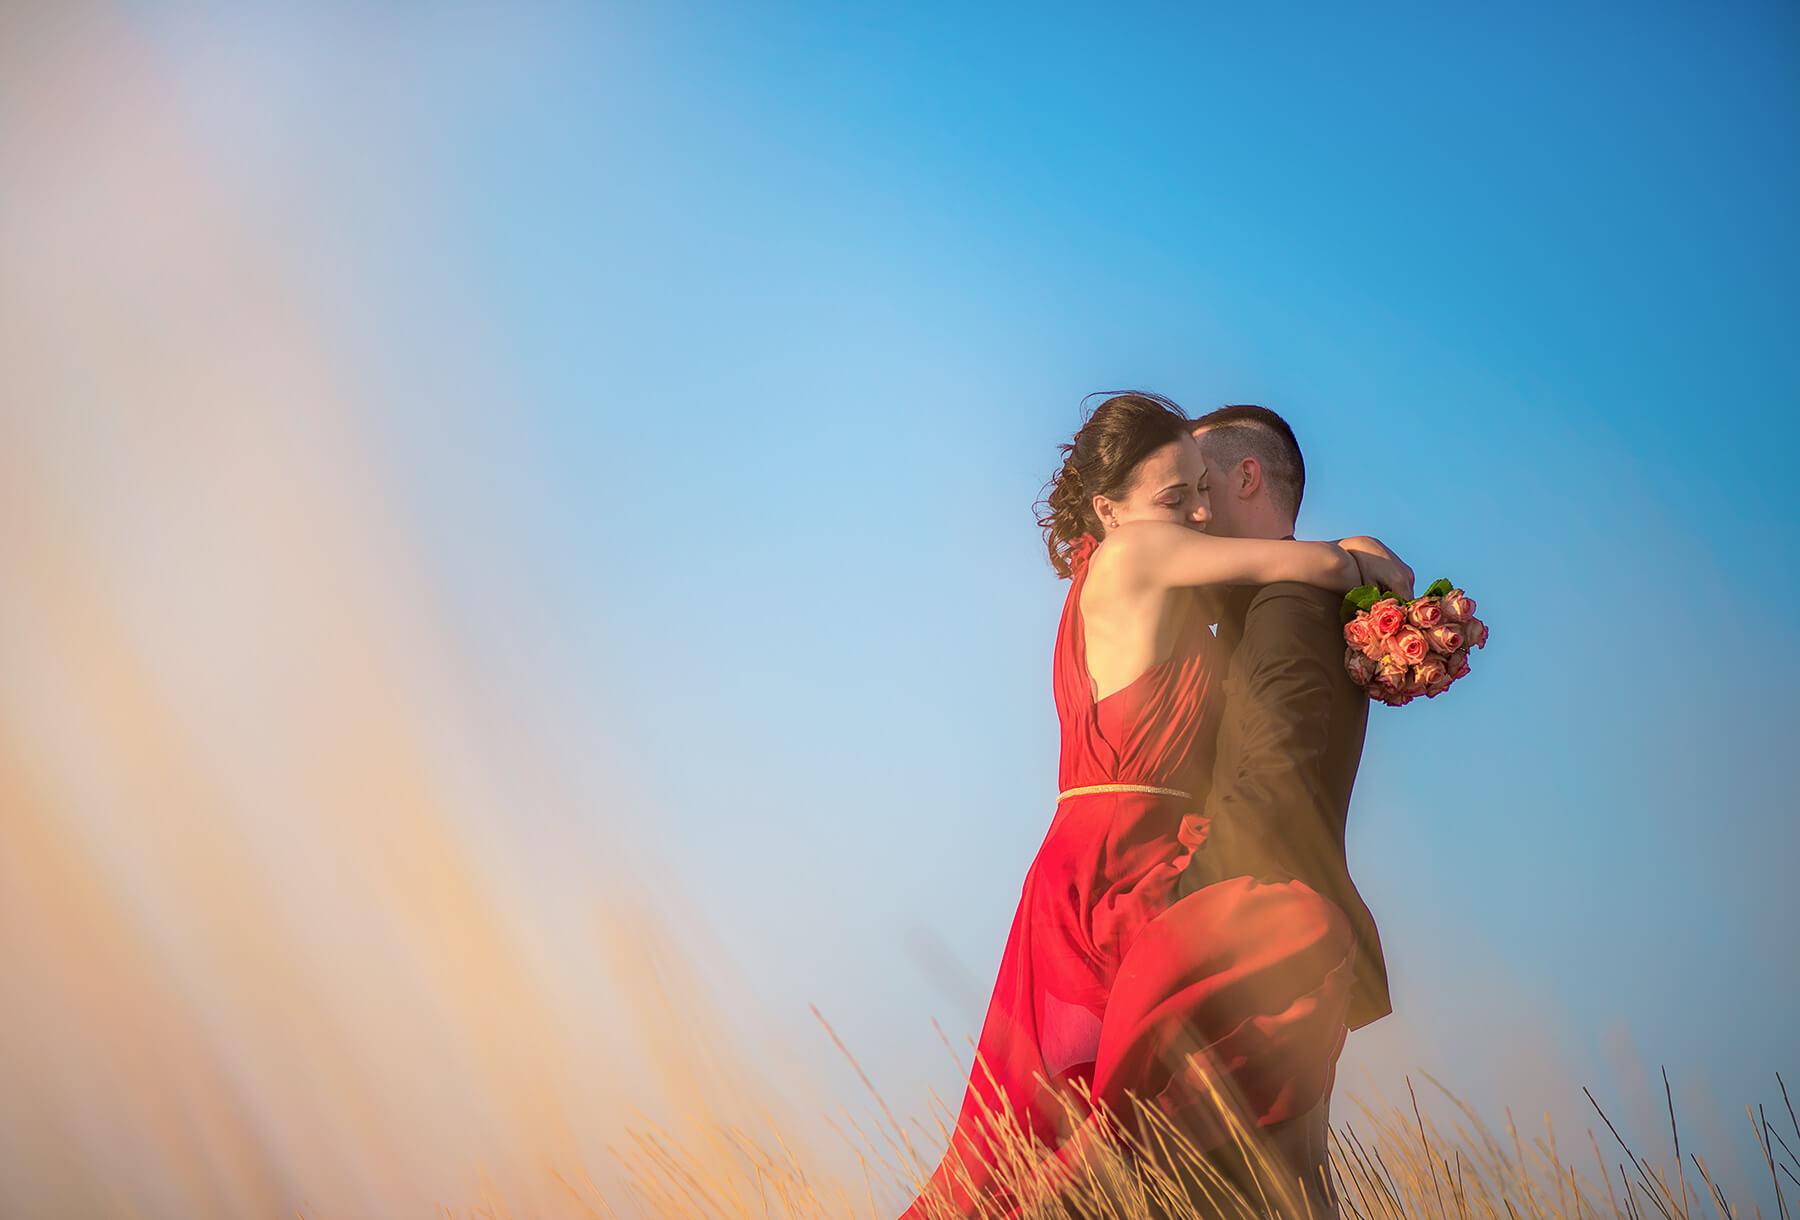 Coppia di sposi. Beniamino Lai, Fotografo professionista di Matrimonio in Sardegna.